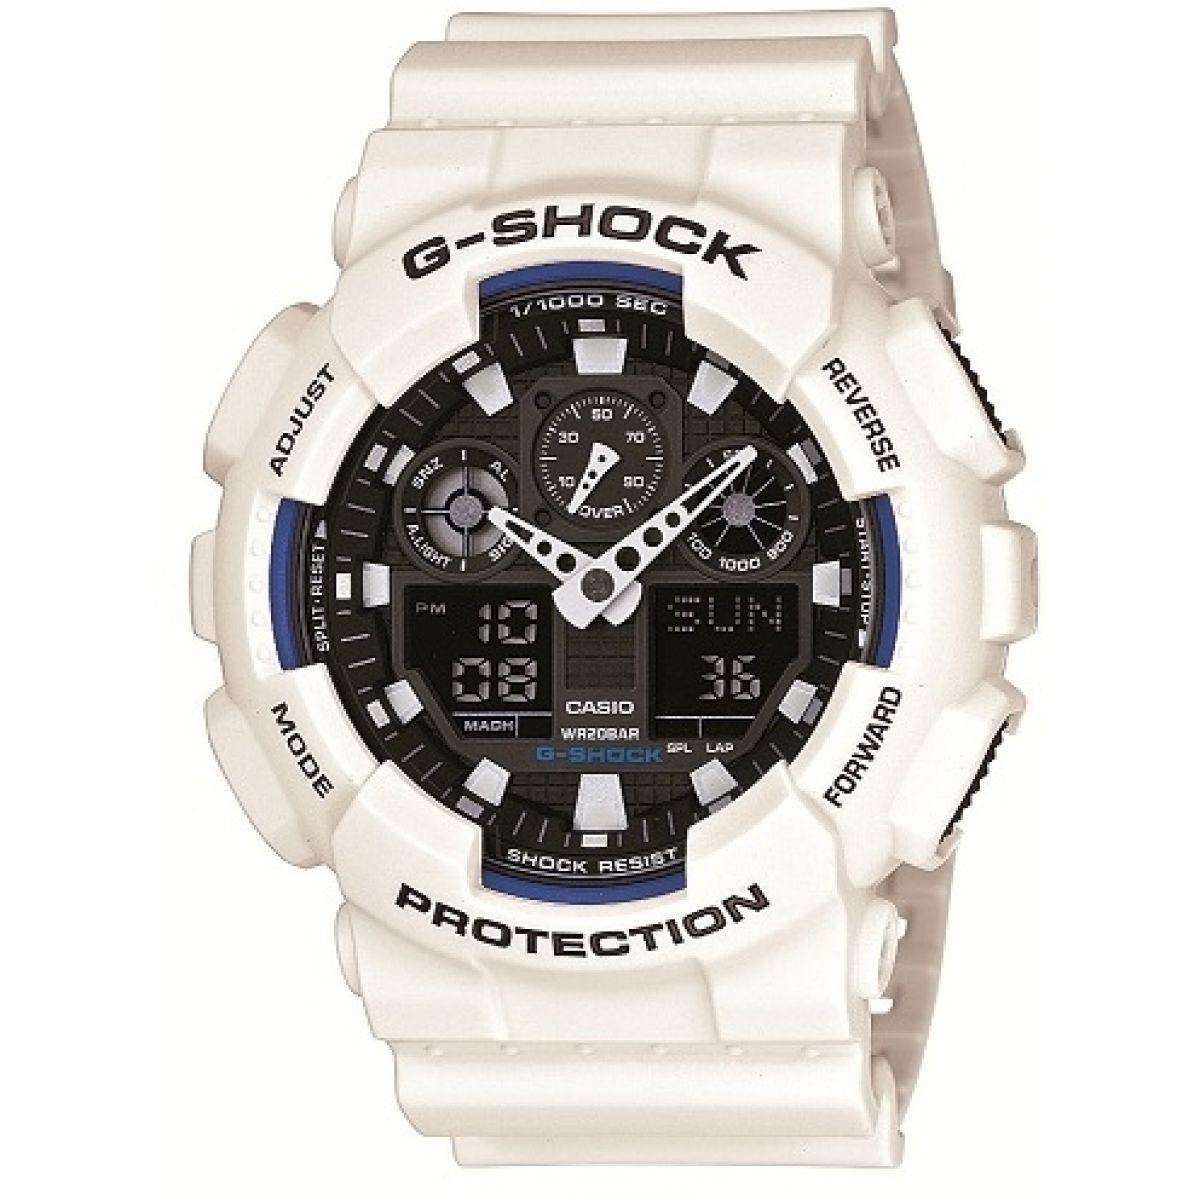 Gents Casio G-Shock Alarm Chronograph Watch (GA-100B-7AER ...